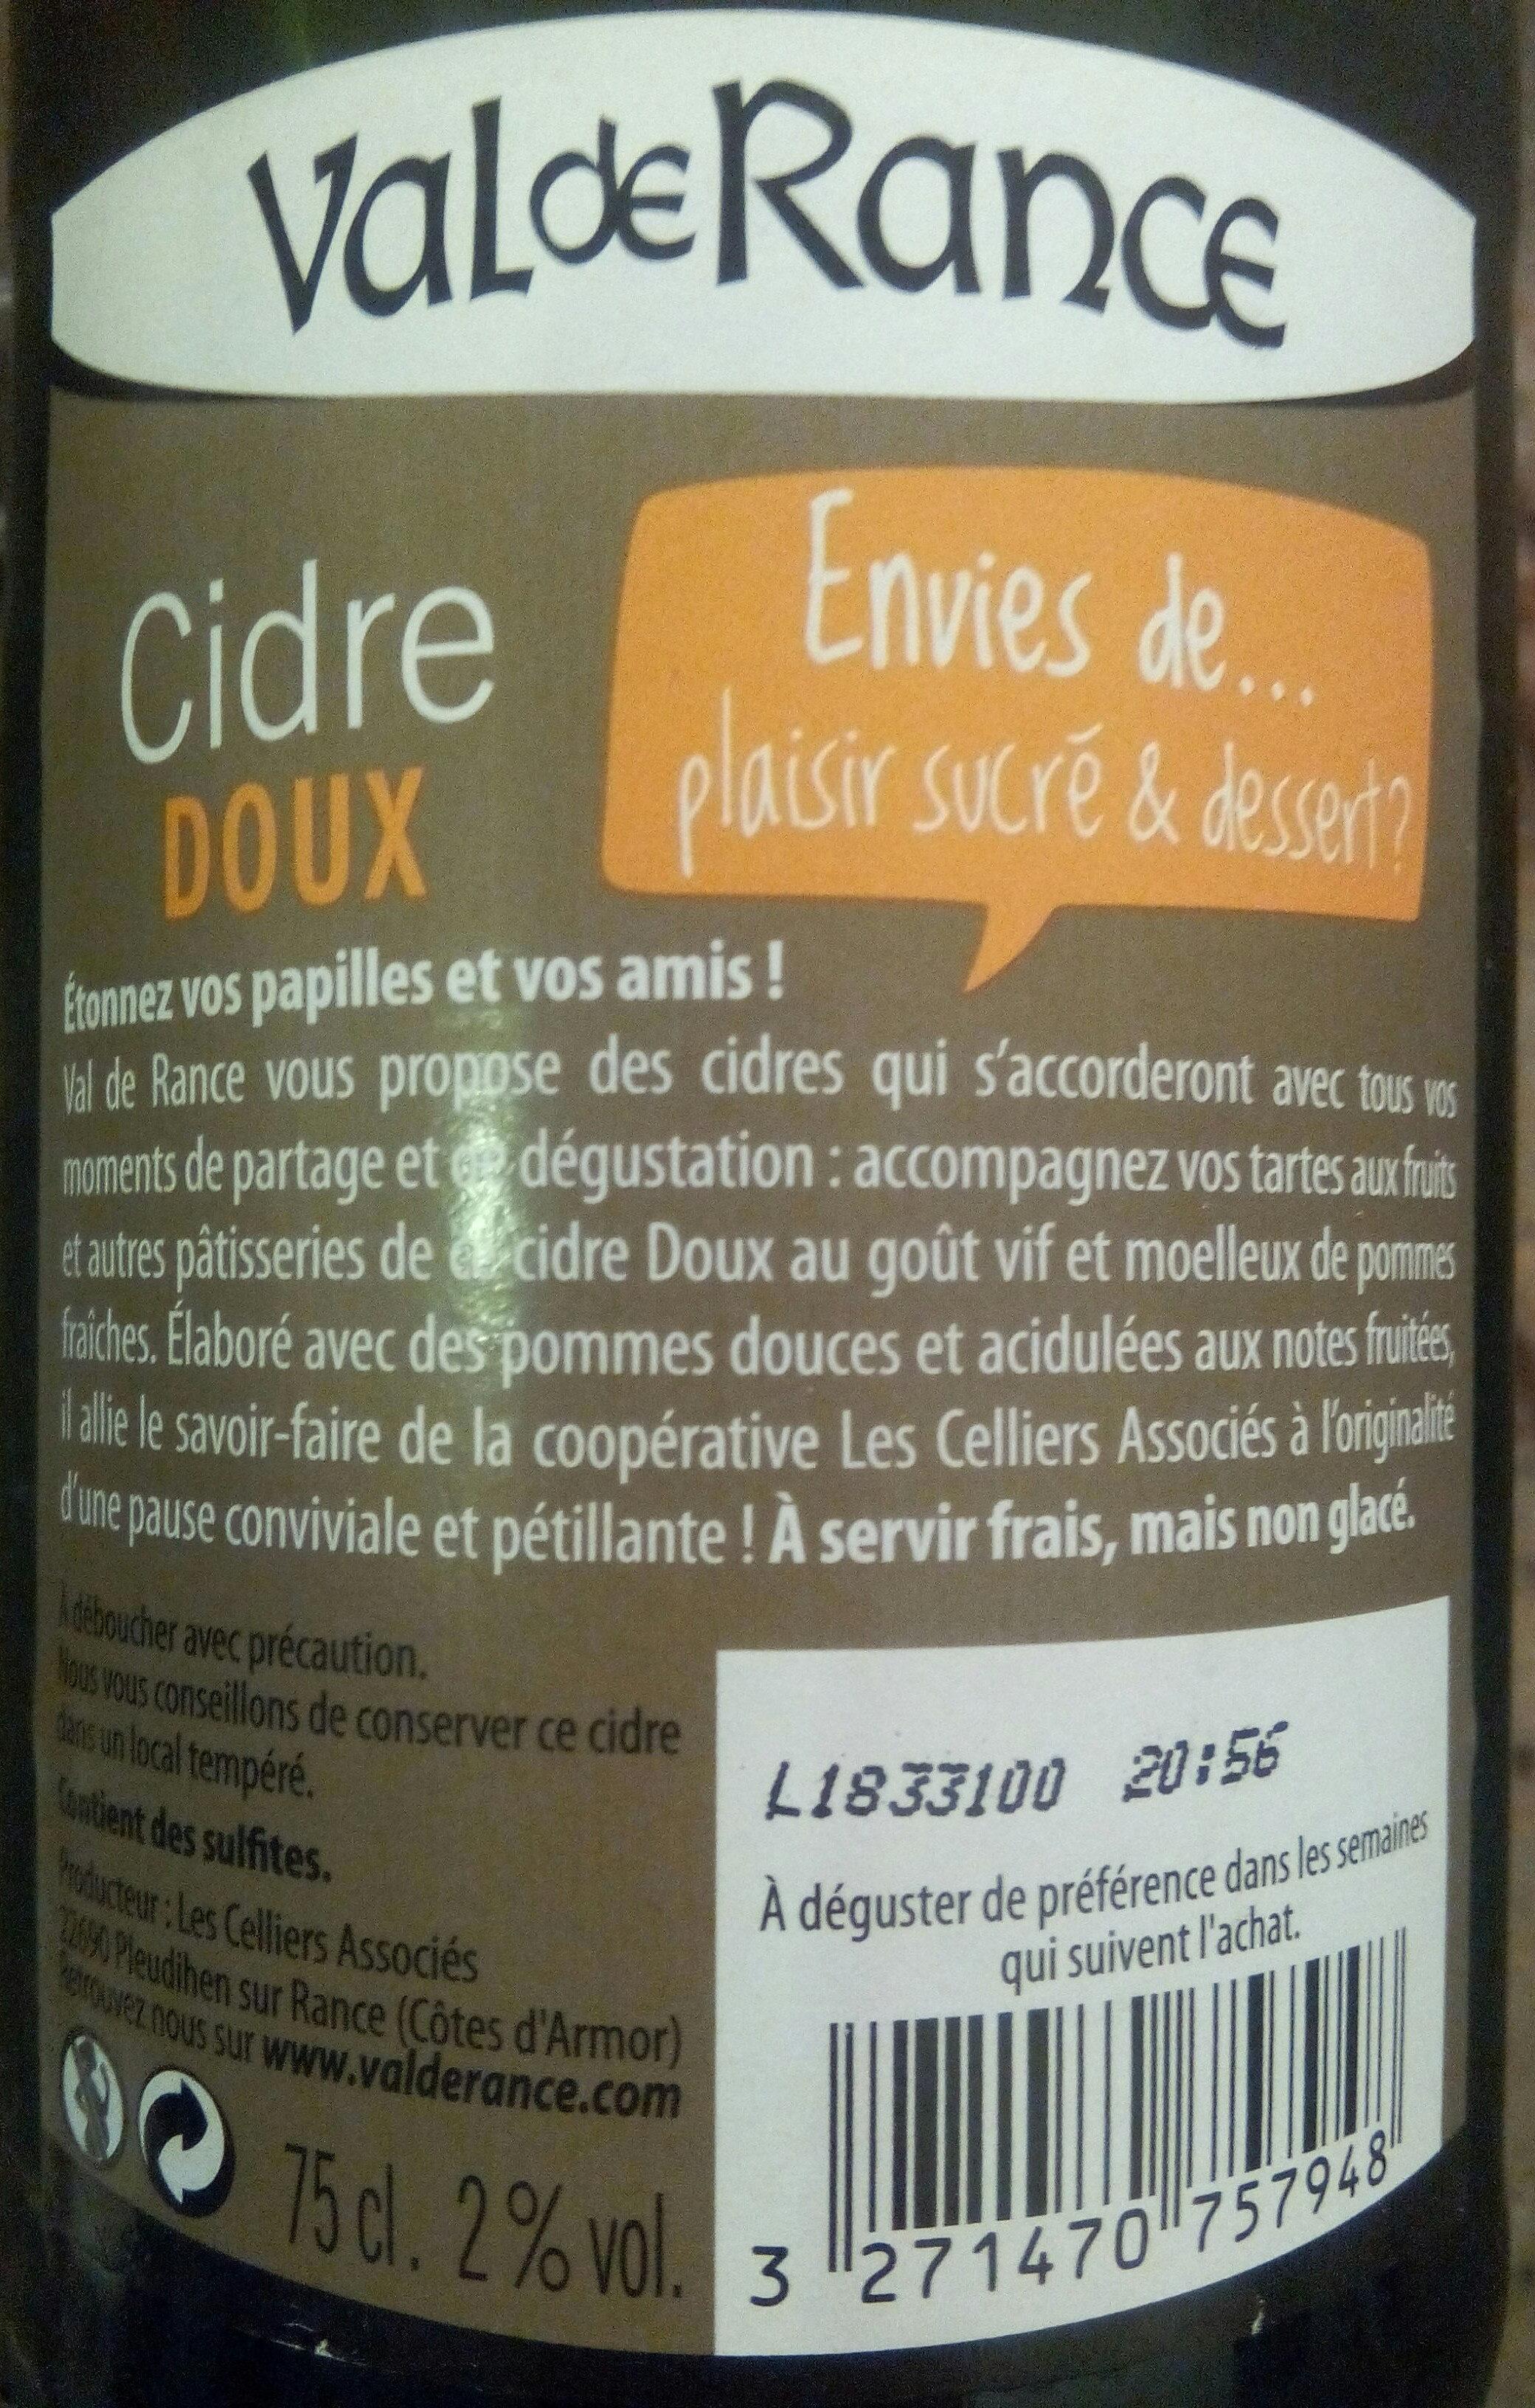 Cidre doux - Ingrédients - fr